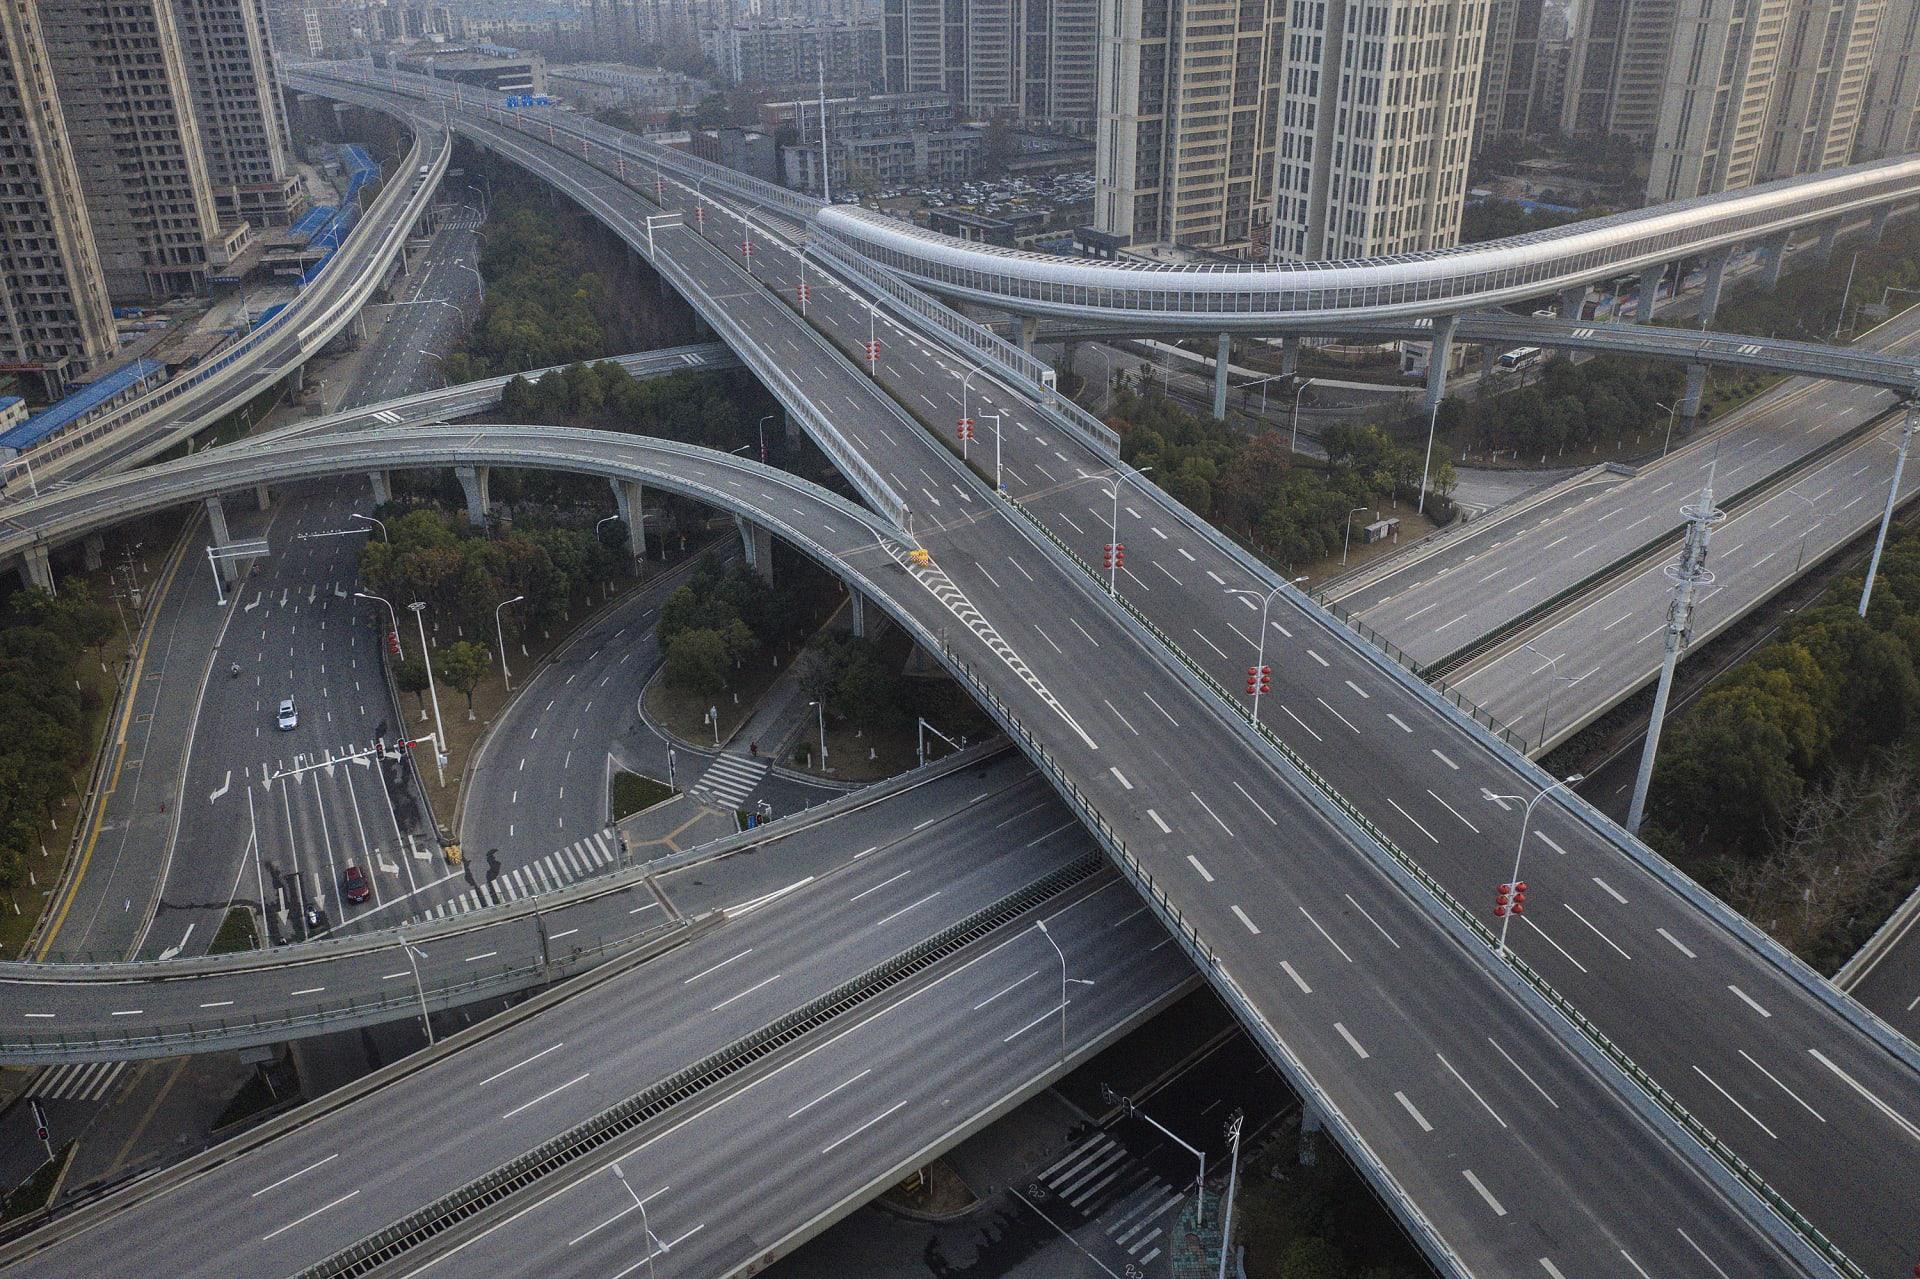 مشهد جوي للطرق والجسور في 3 فبراير 2020 في ووهان، الصين